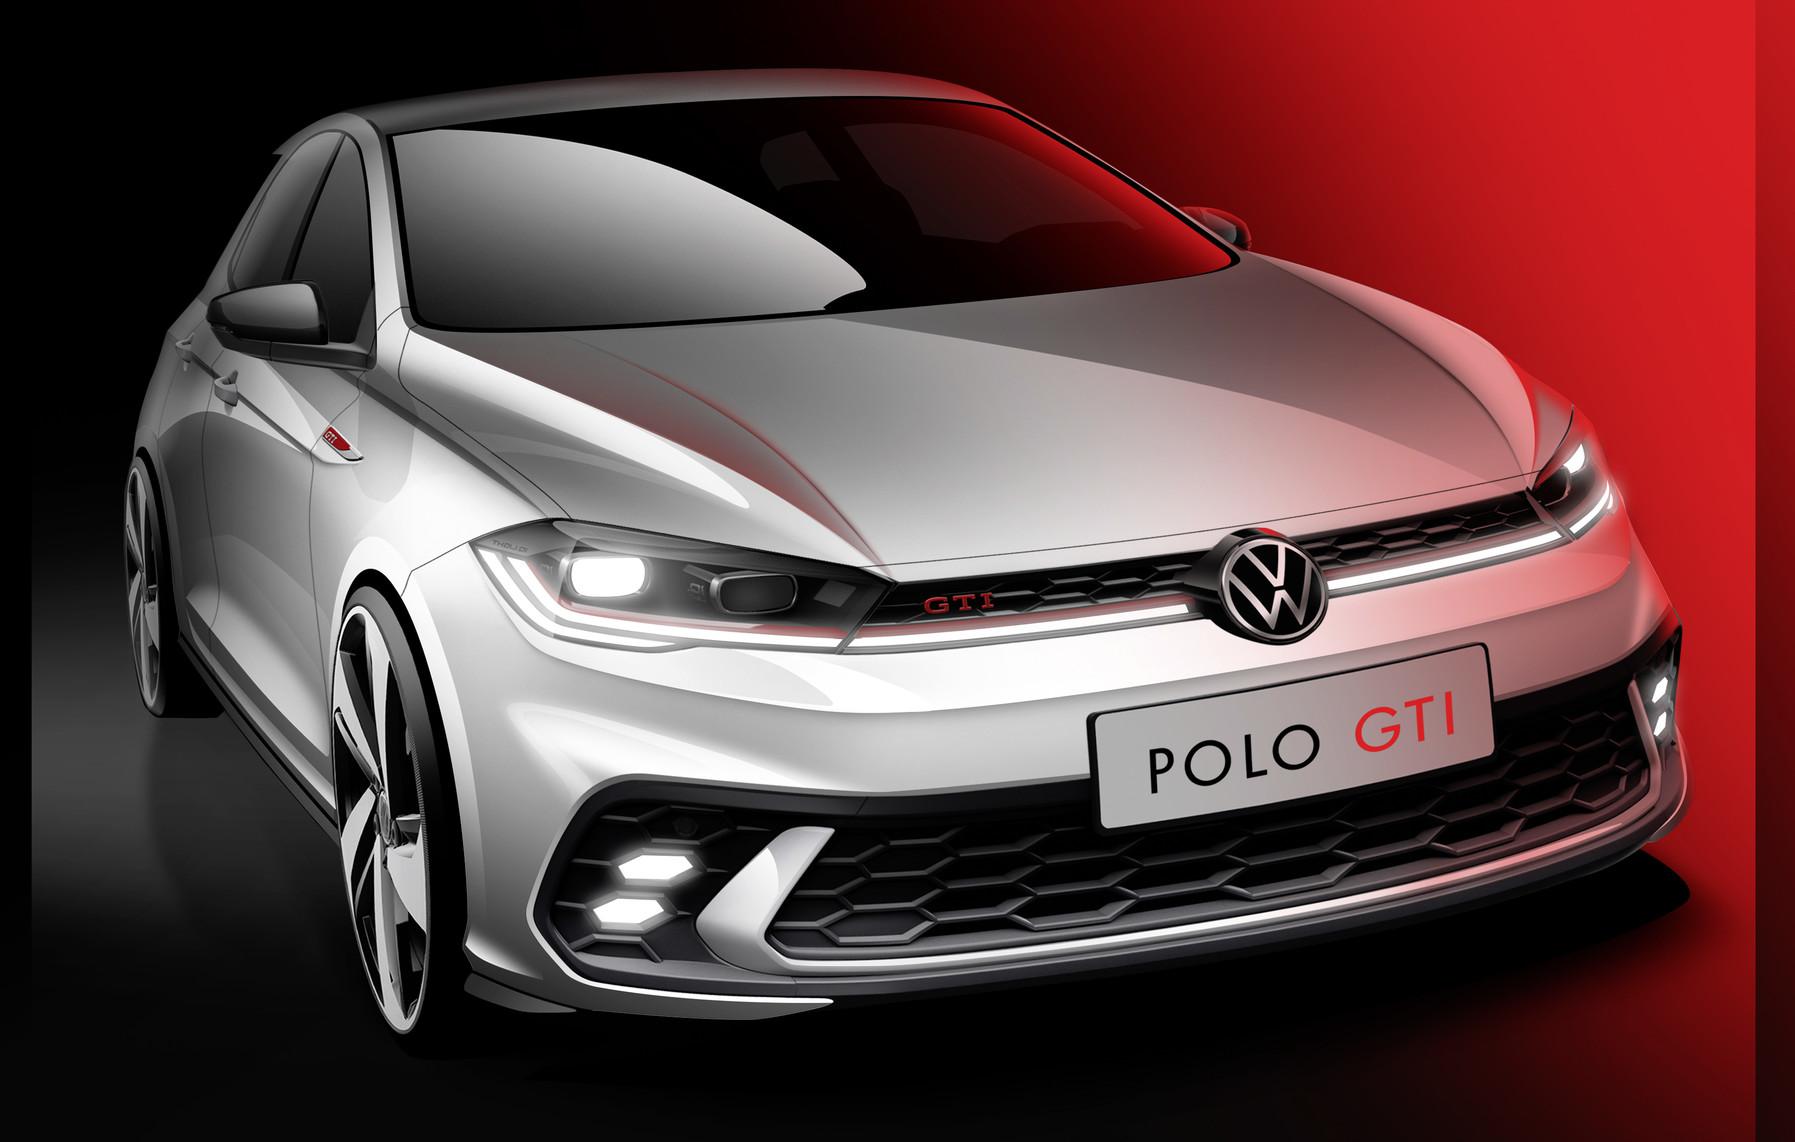 In arrivo la nuova Volkswagen Polo GTI.